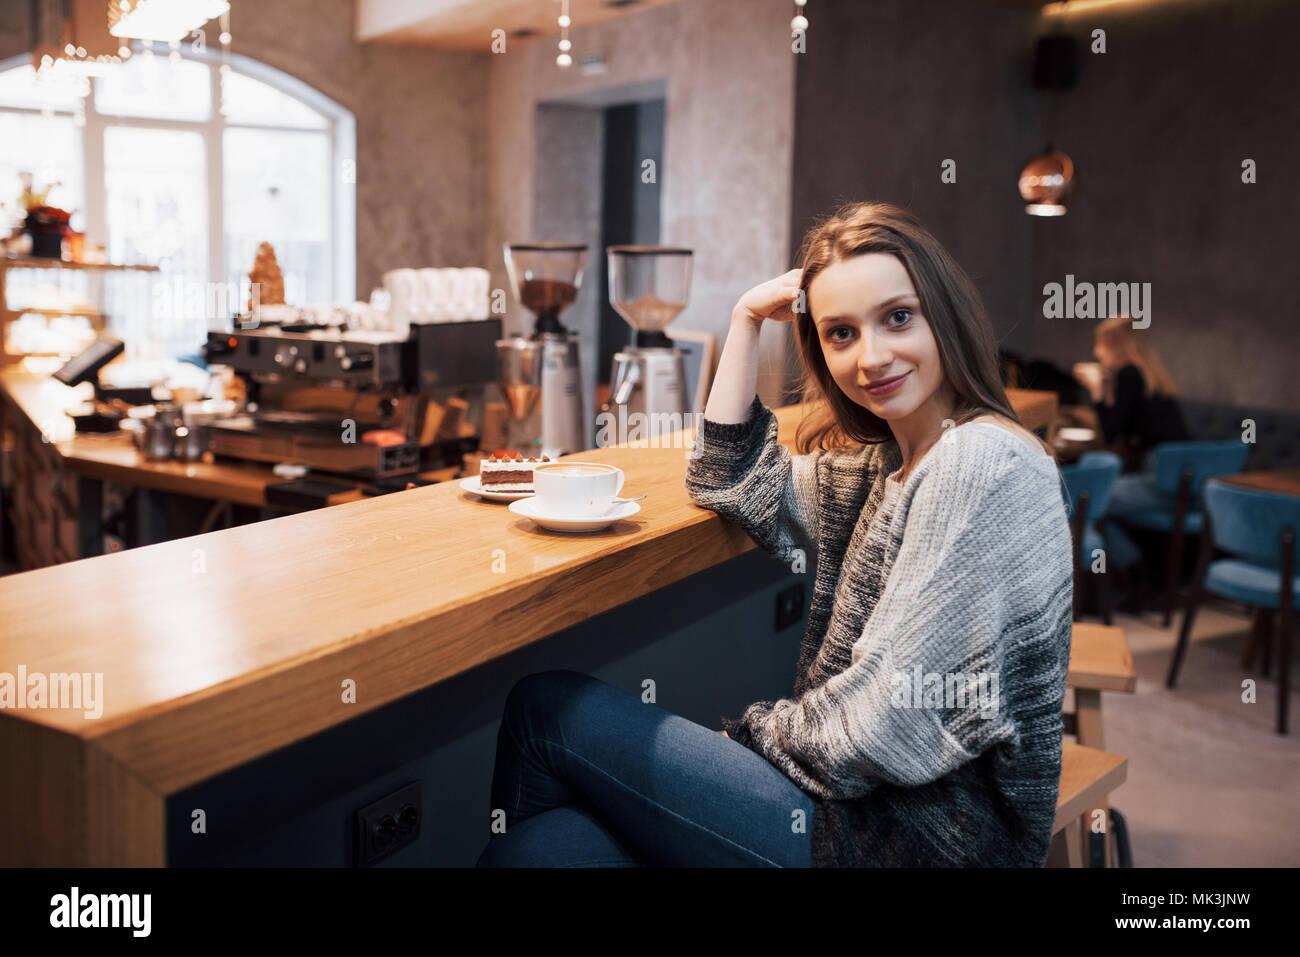 Attraktive junge Frau sitzt innen in städtischen Cafe. Cafe Stadt Lebensstil. Casual Portrait von jugendlichen Mädchen. Getönt. Stockbild